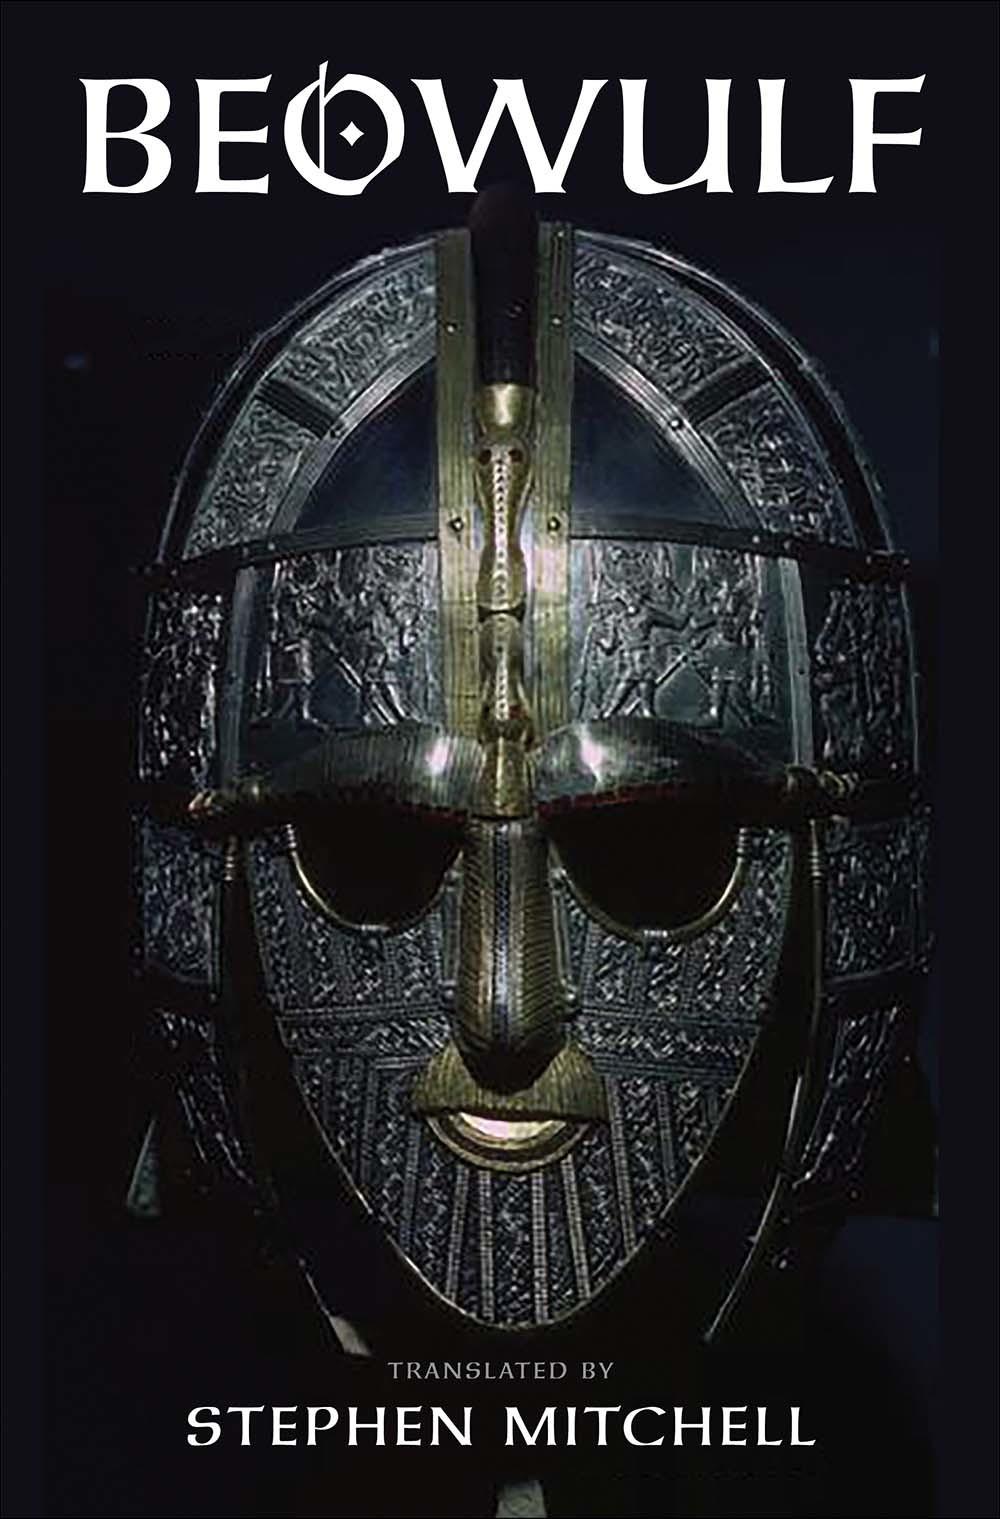 warrior code in beowulf